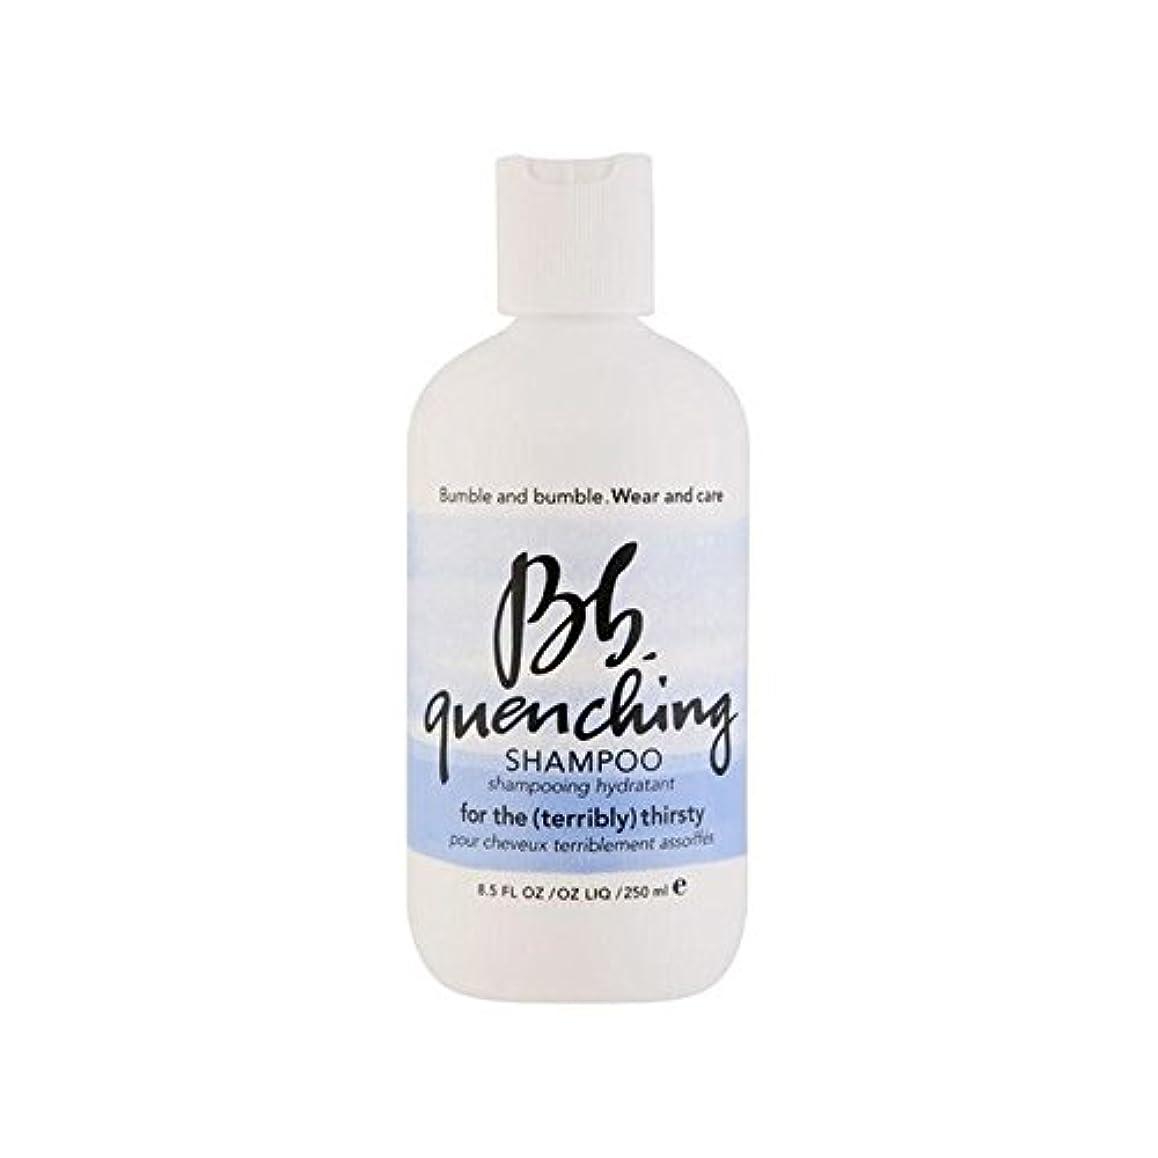 早熟爬虫類覆すシャンプー(250ミリリットル)を急冷着用し、世話 x2 - Bb Wear And Care Quenching Shampoo (250ml) (Pack of 2) [並行輸入品]